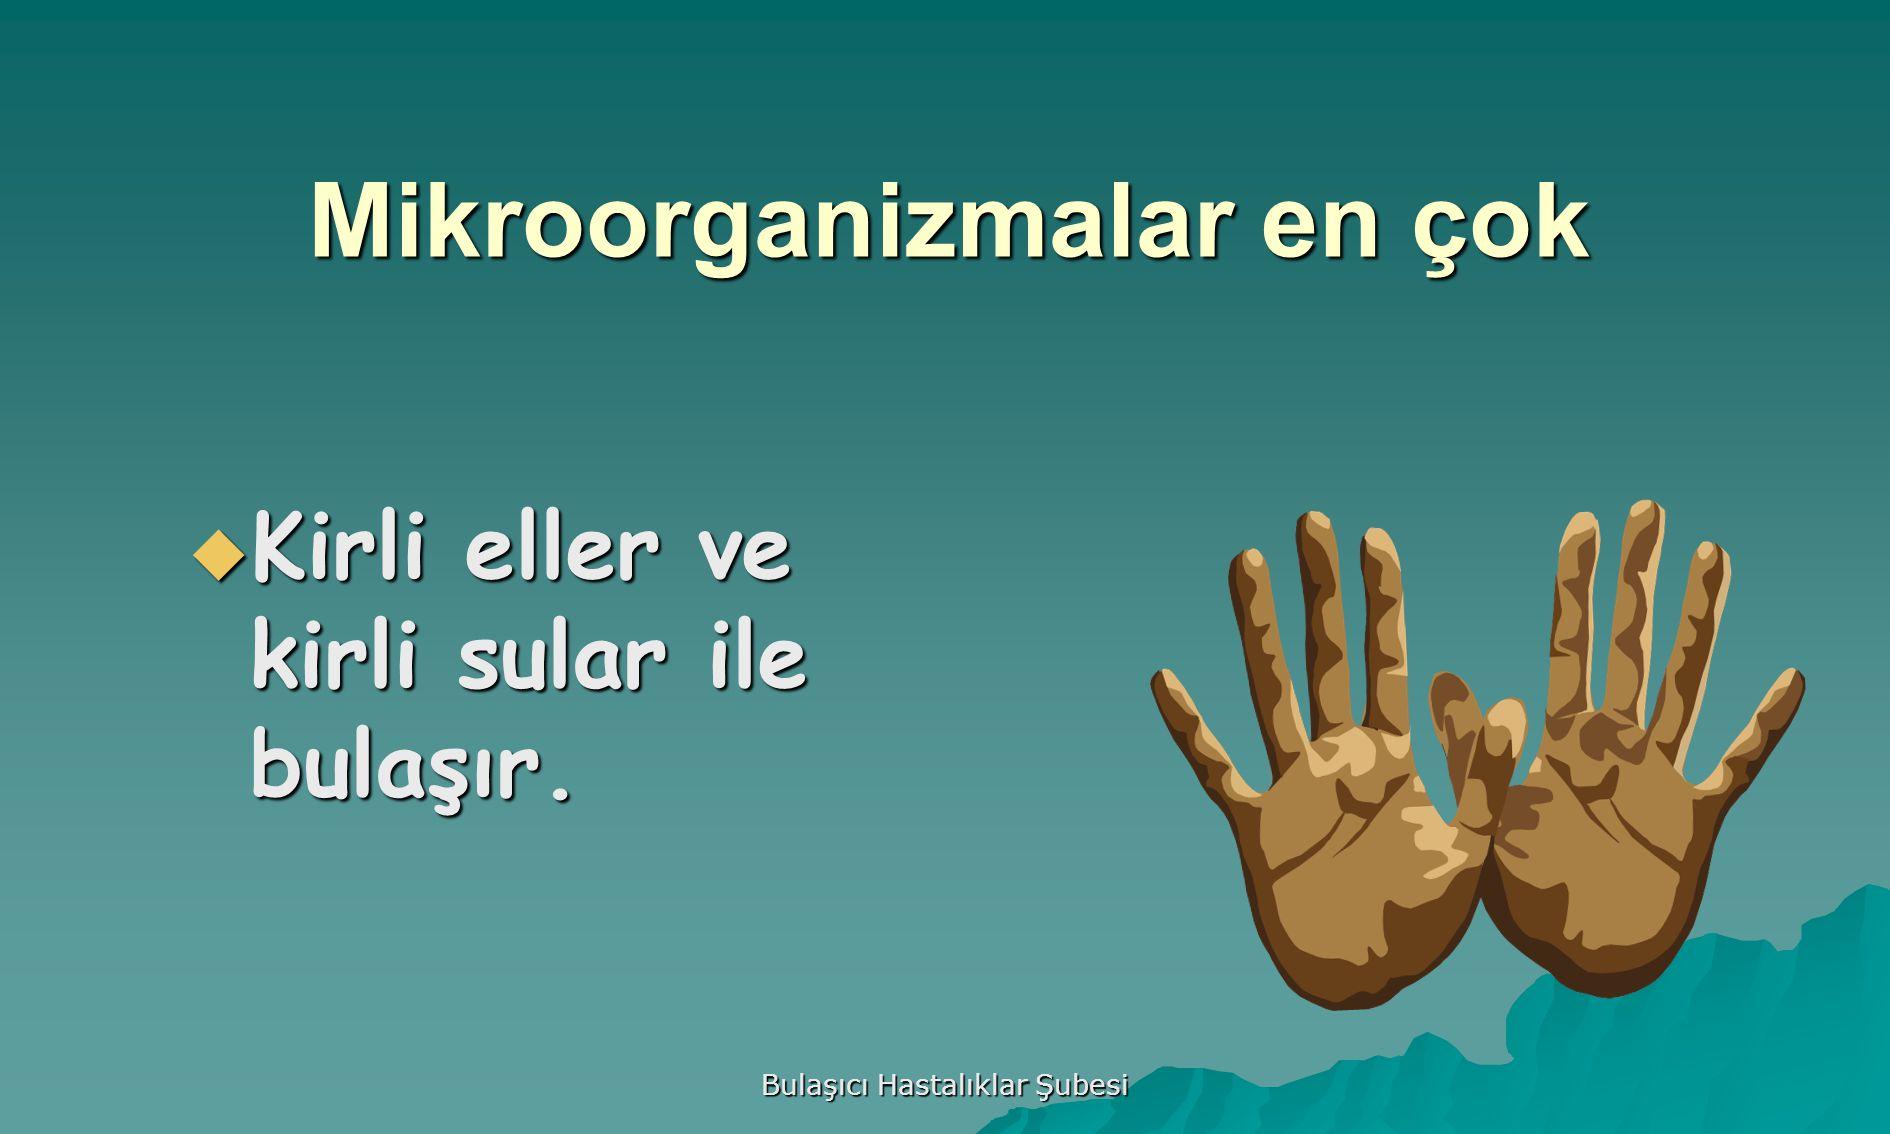 www.herogrenciyesabun.tr.gg Elleri su ve sabunla yıkamak mikroorganizmaları uzaklaştırmanın en etkili yoludur ve hastalıkları önlemeye yardımcıdır.